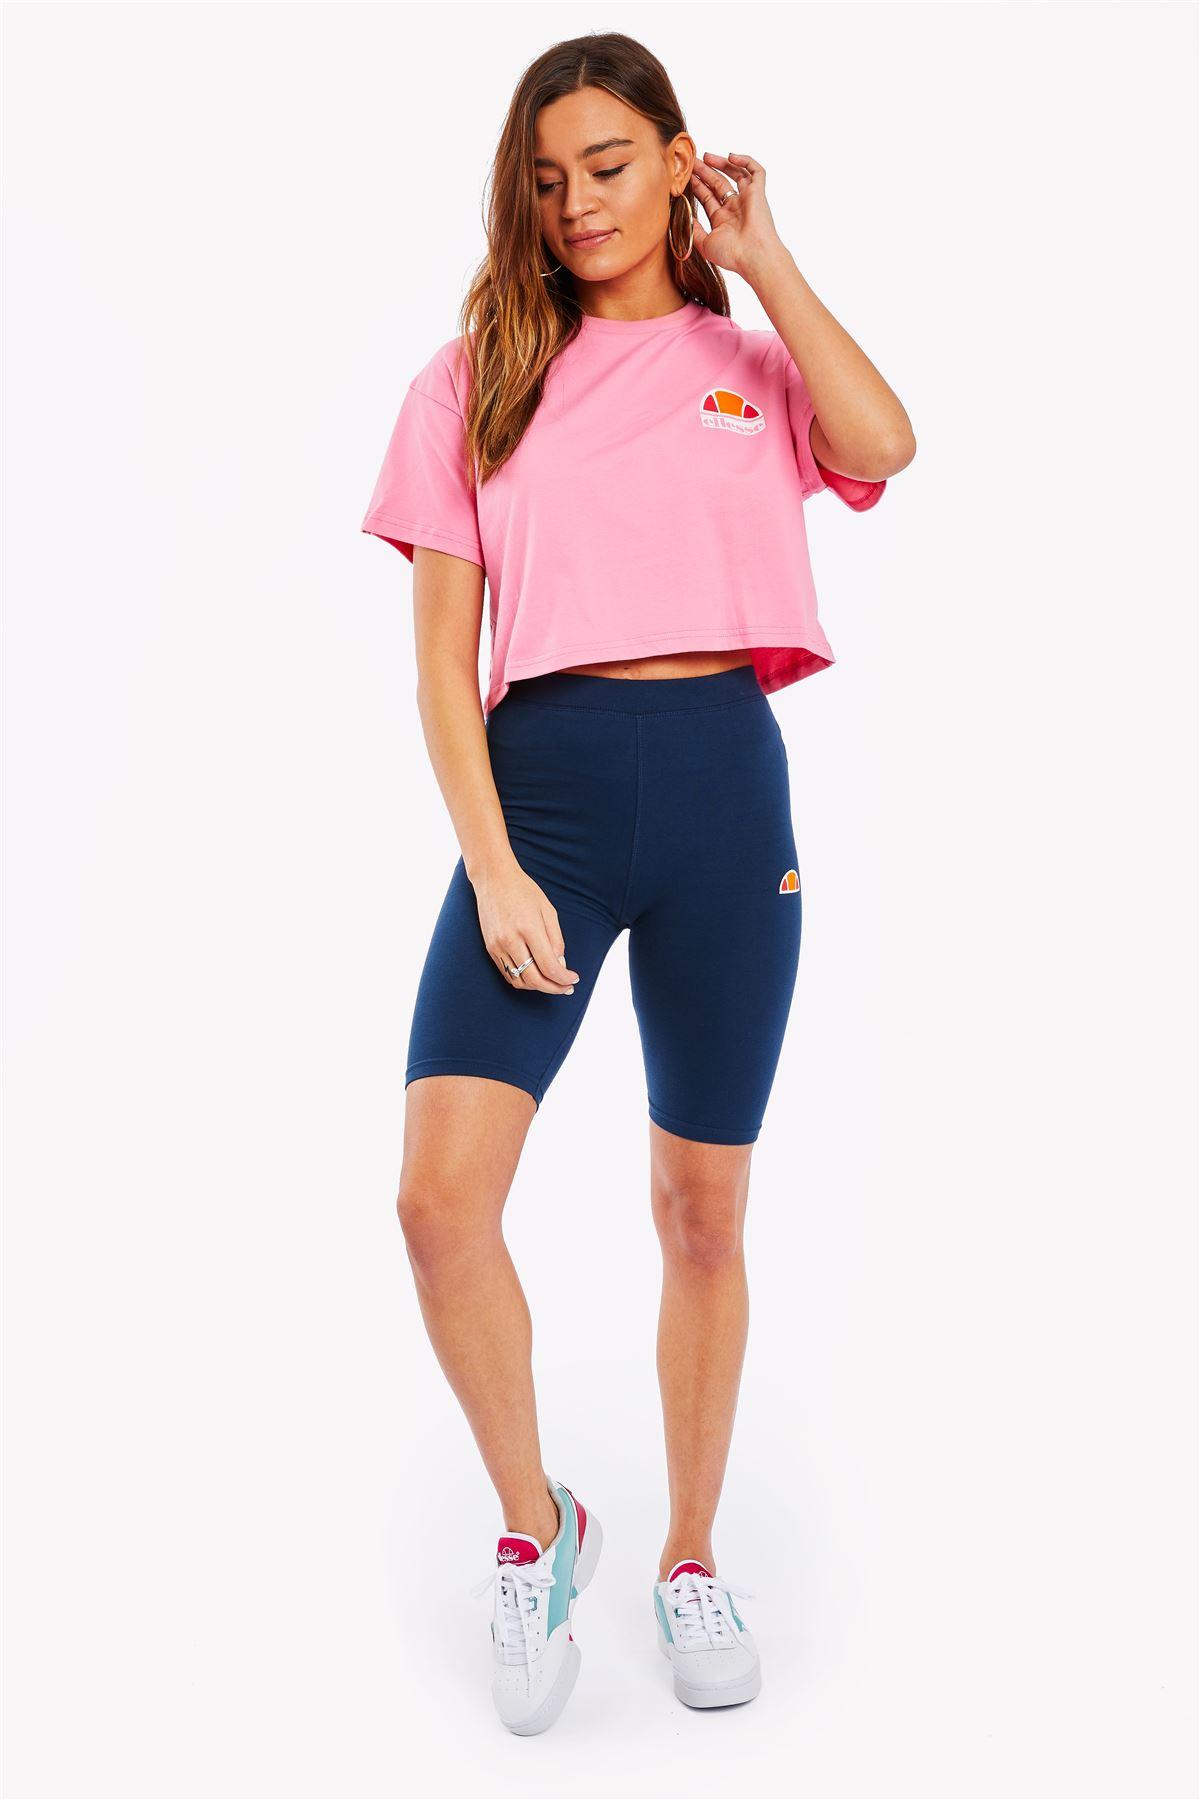 Ellesse-Women-Crop-Cotton-T-Shirt-Summer-Top-in-Pastel-Colours thumbnail 21